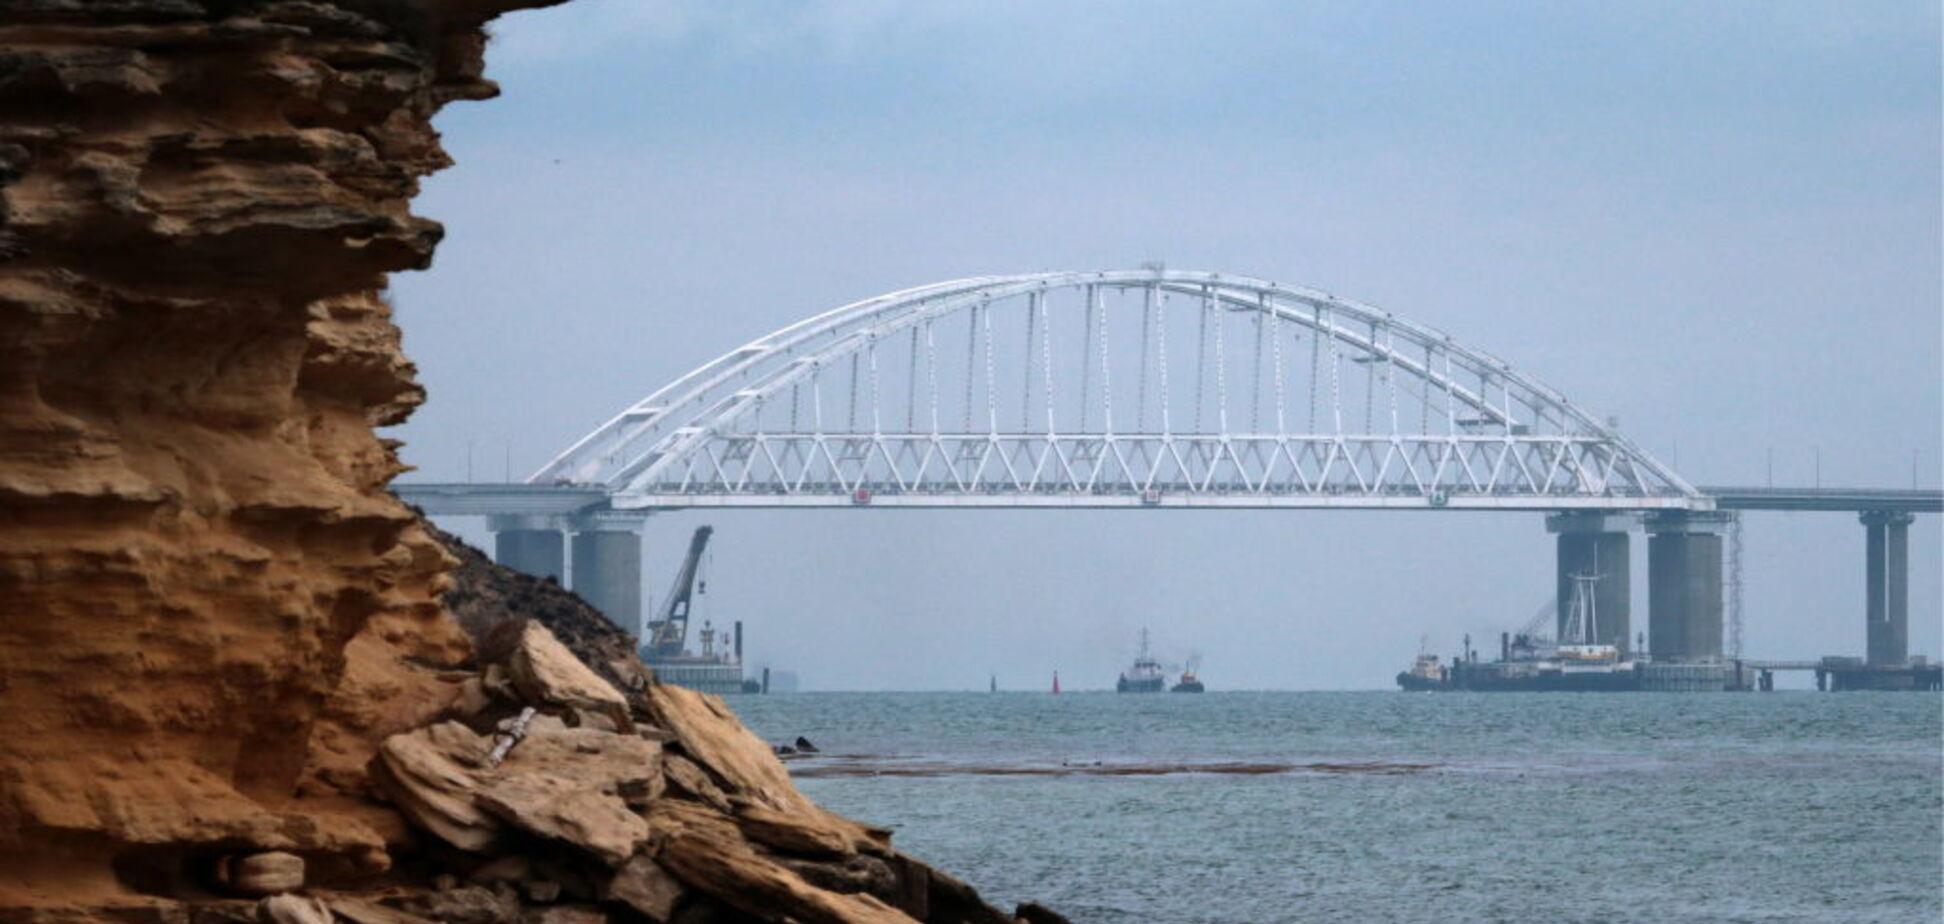 Захоплення моряків біля Керченської протоки: Матіос розповів про відповідь РФ від України